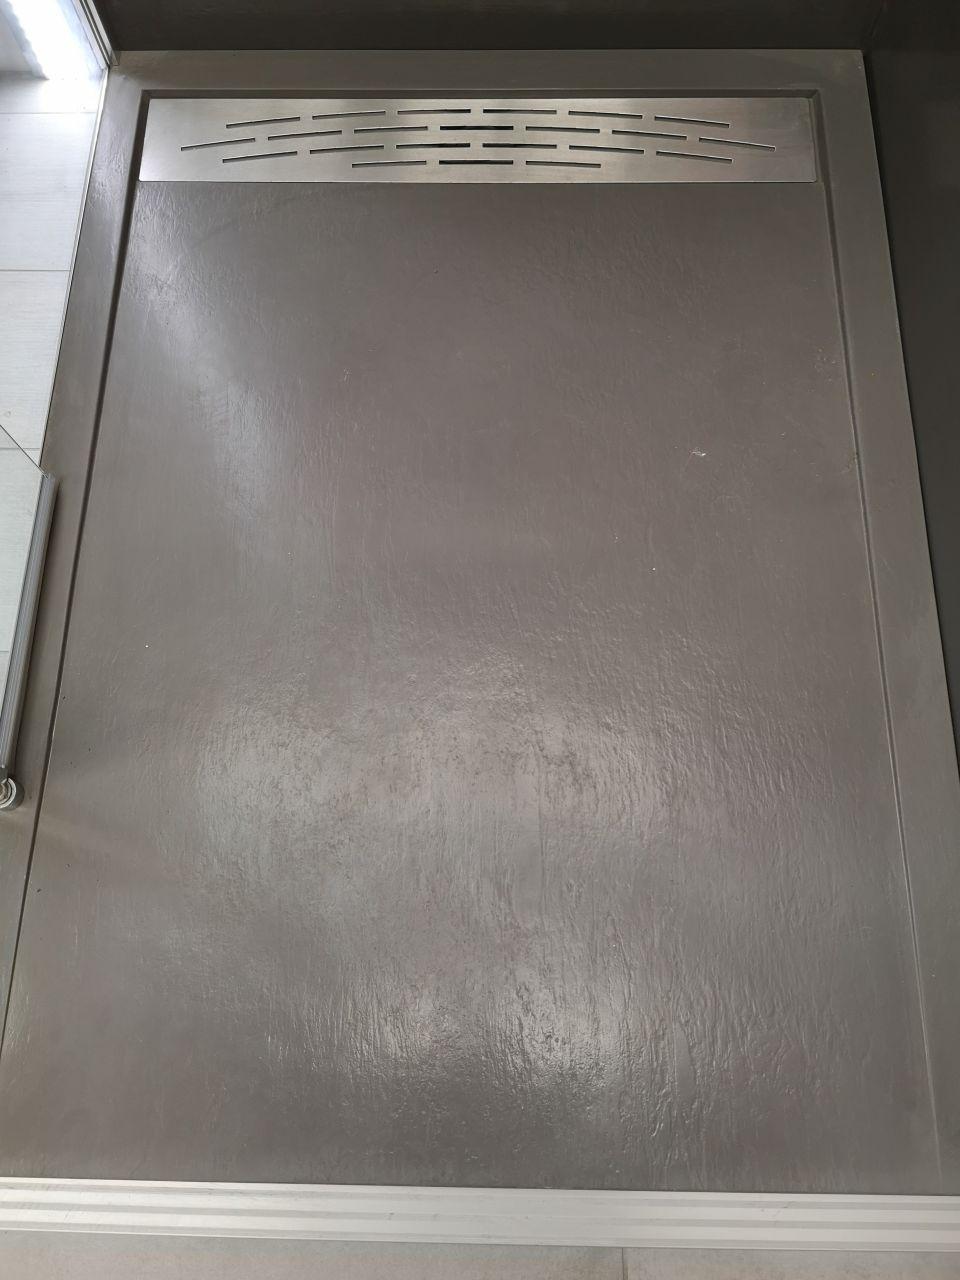 receveur extra plat de l?étage qui sera blanc avec la même grille d'evacuation